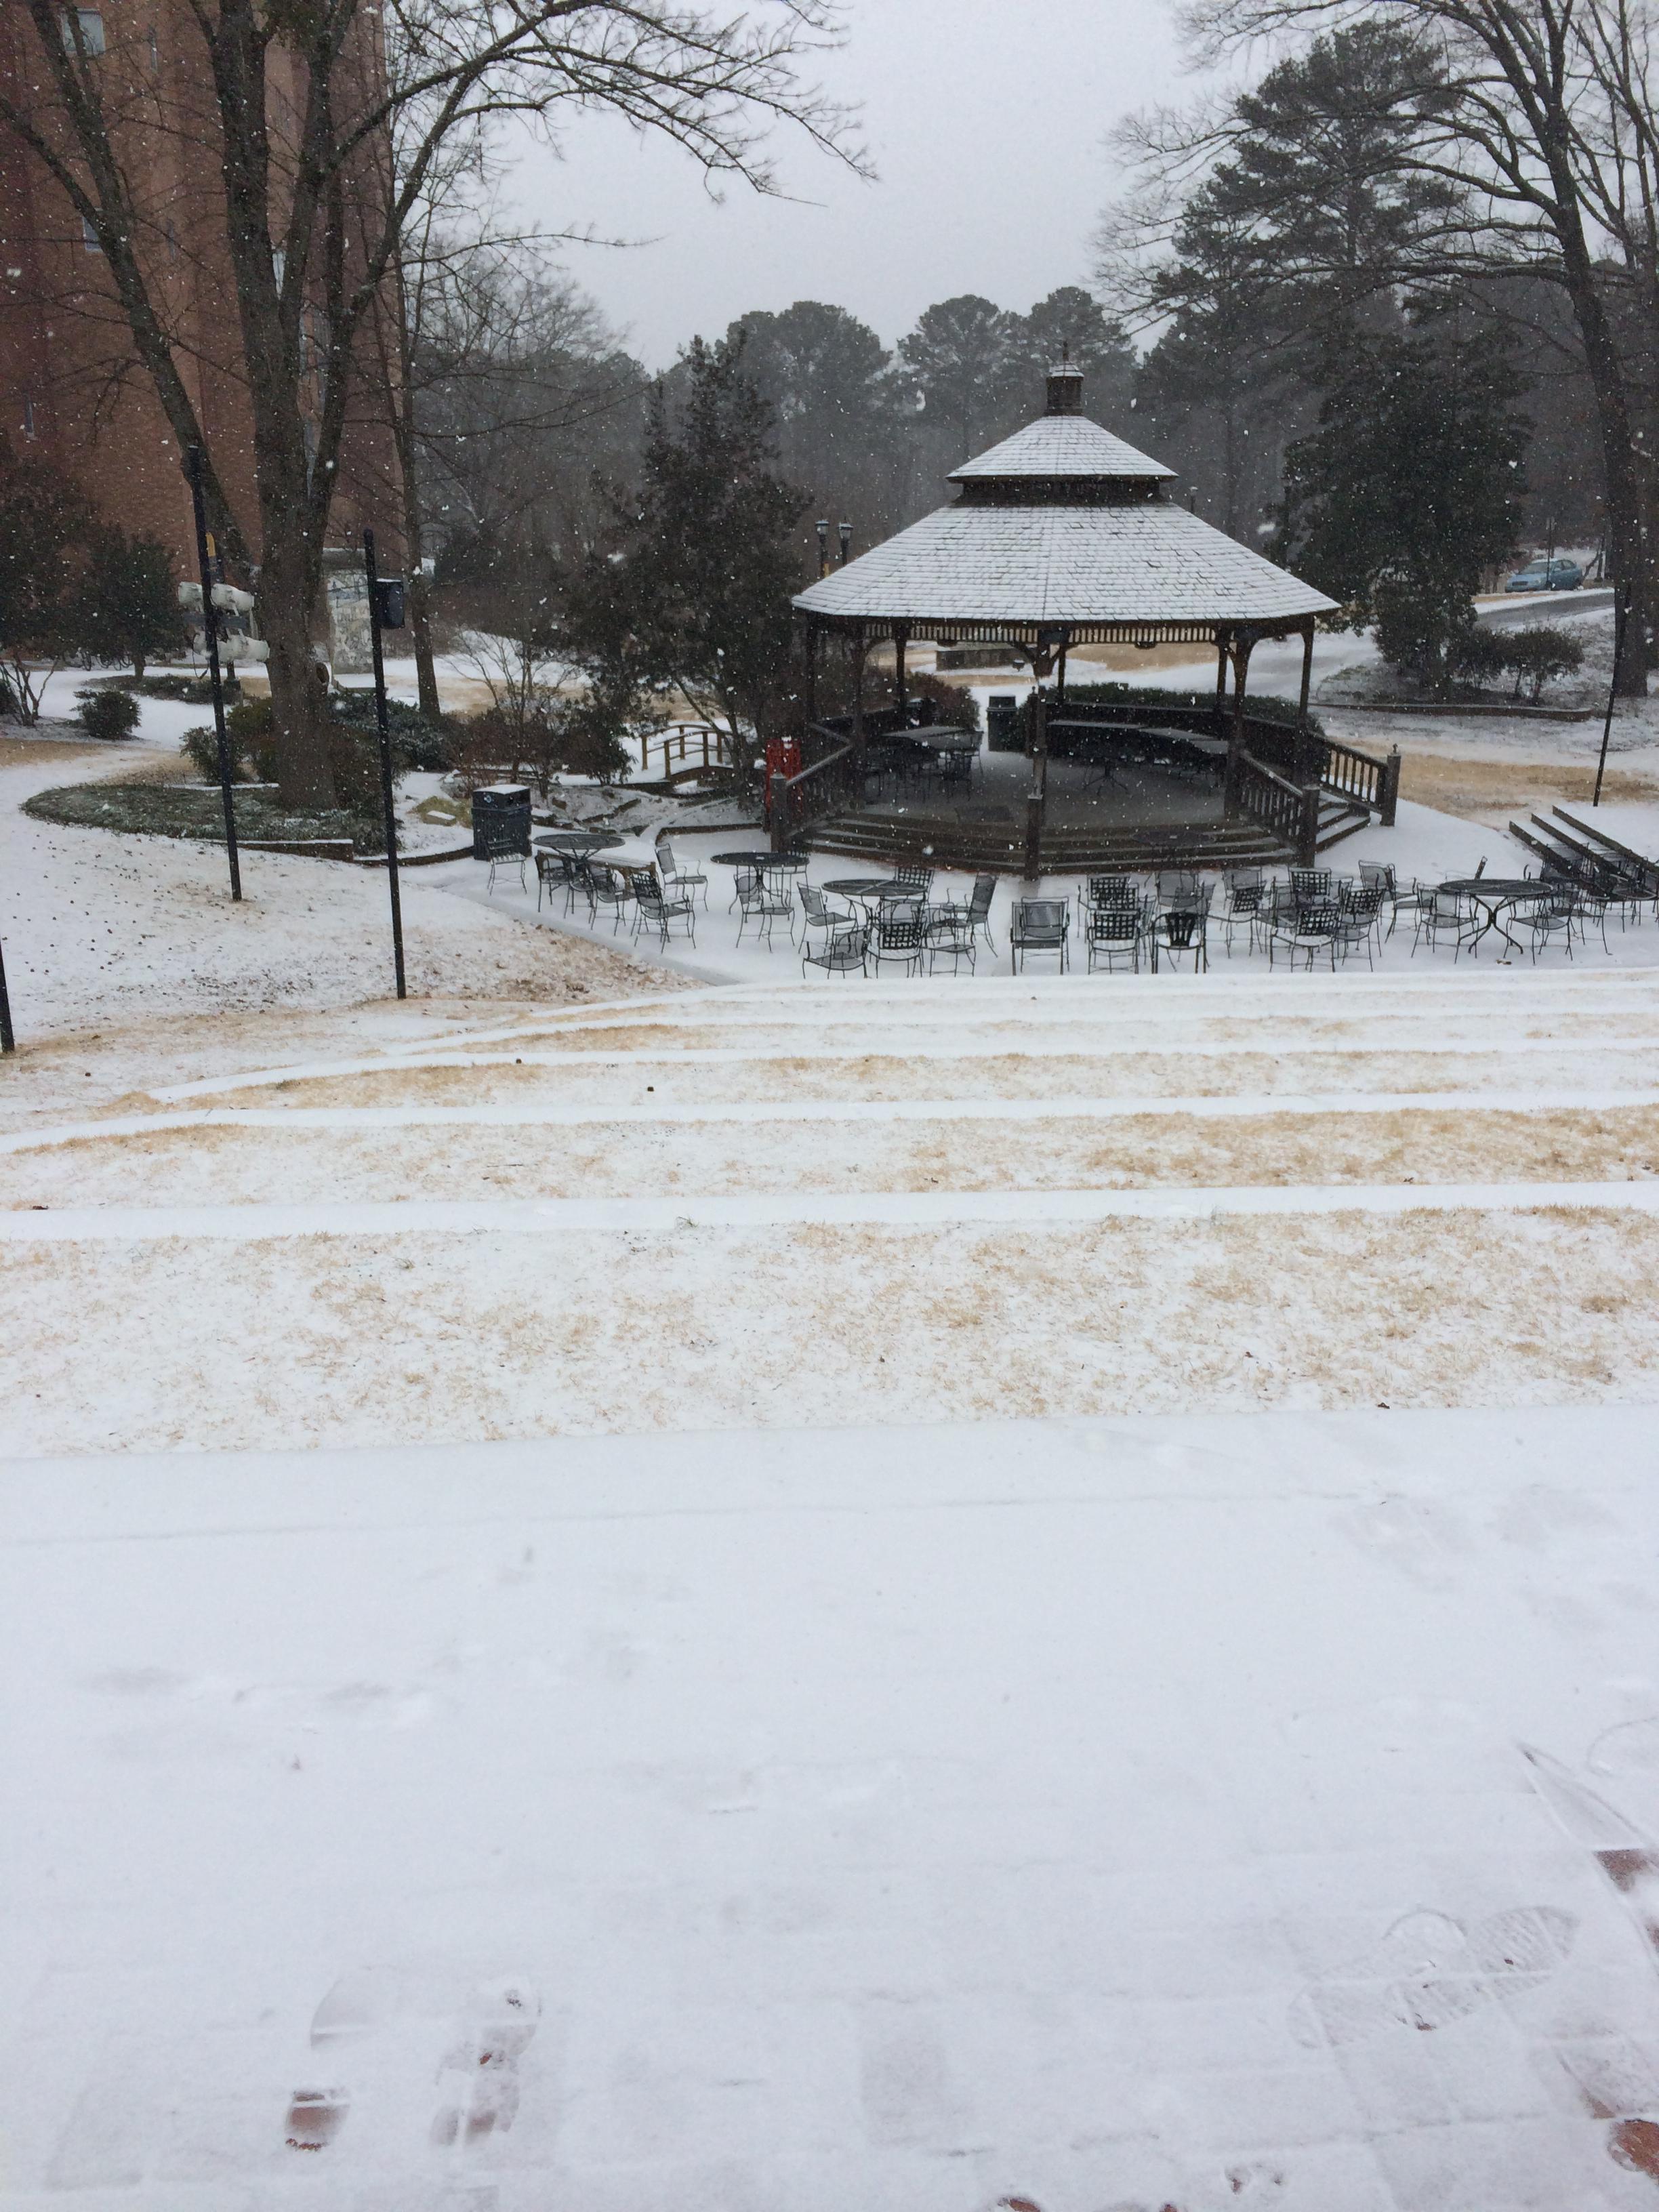 KSU snow atlanta snowjam